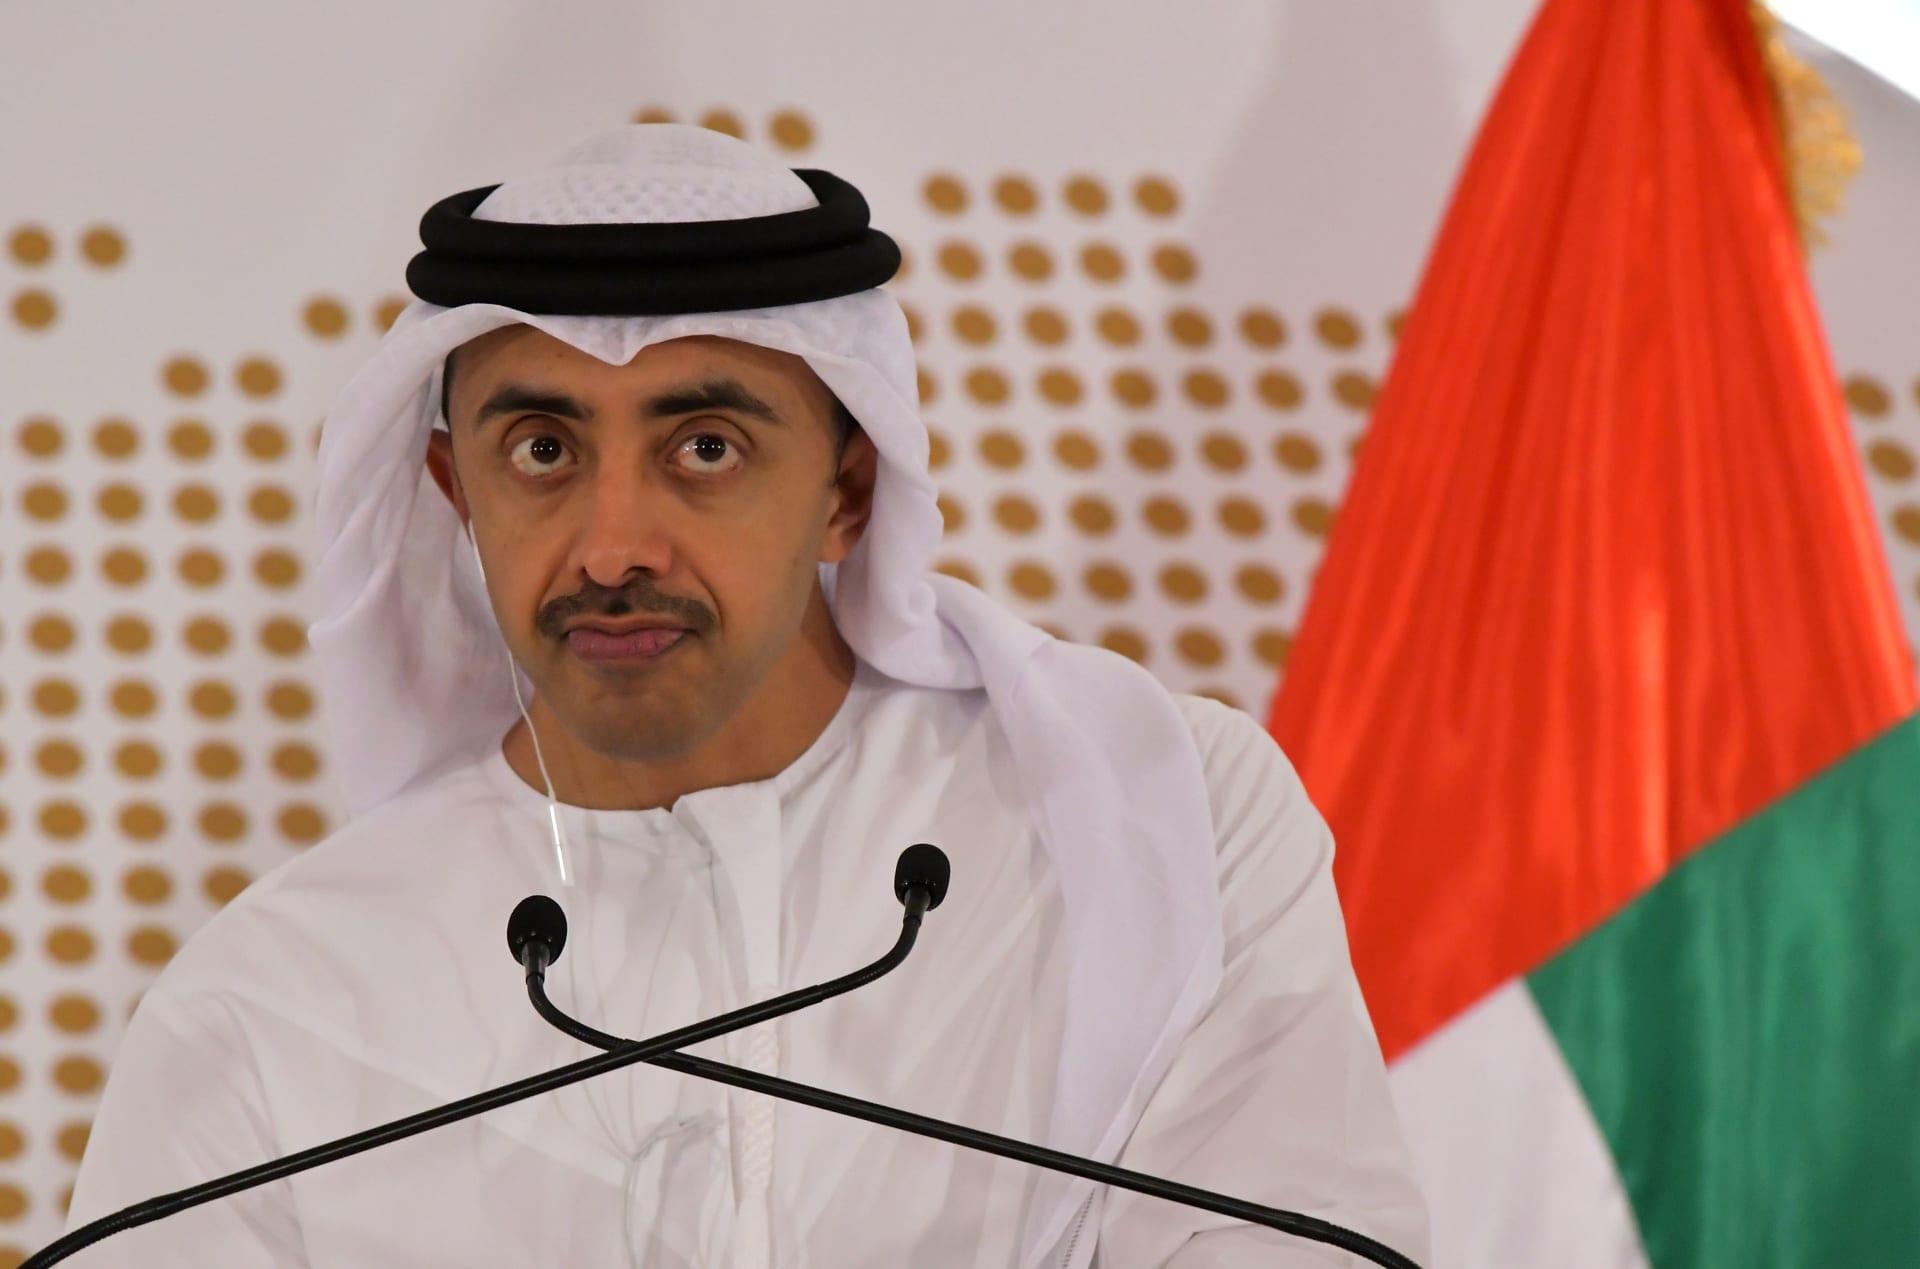 عبدالله بن زايد يؤكد التزام الإمارات بالعمل مع إدارة بايدن لخفض التوترات الإقليمية